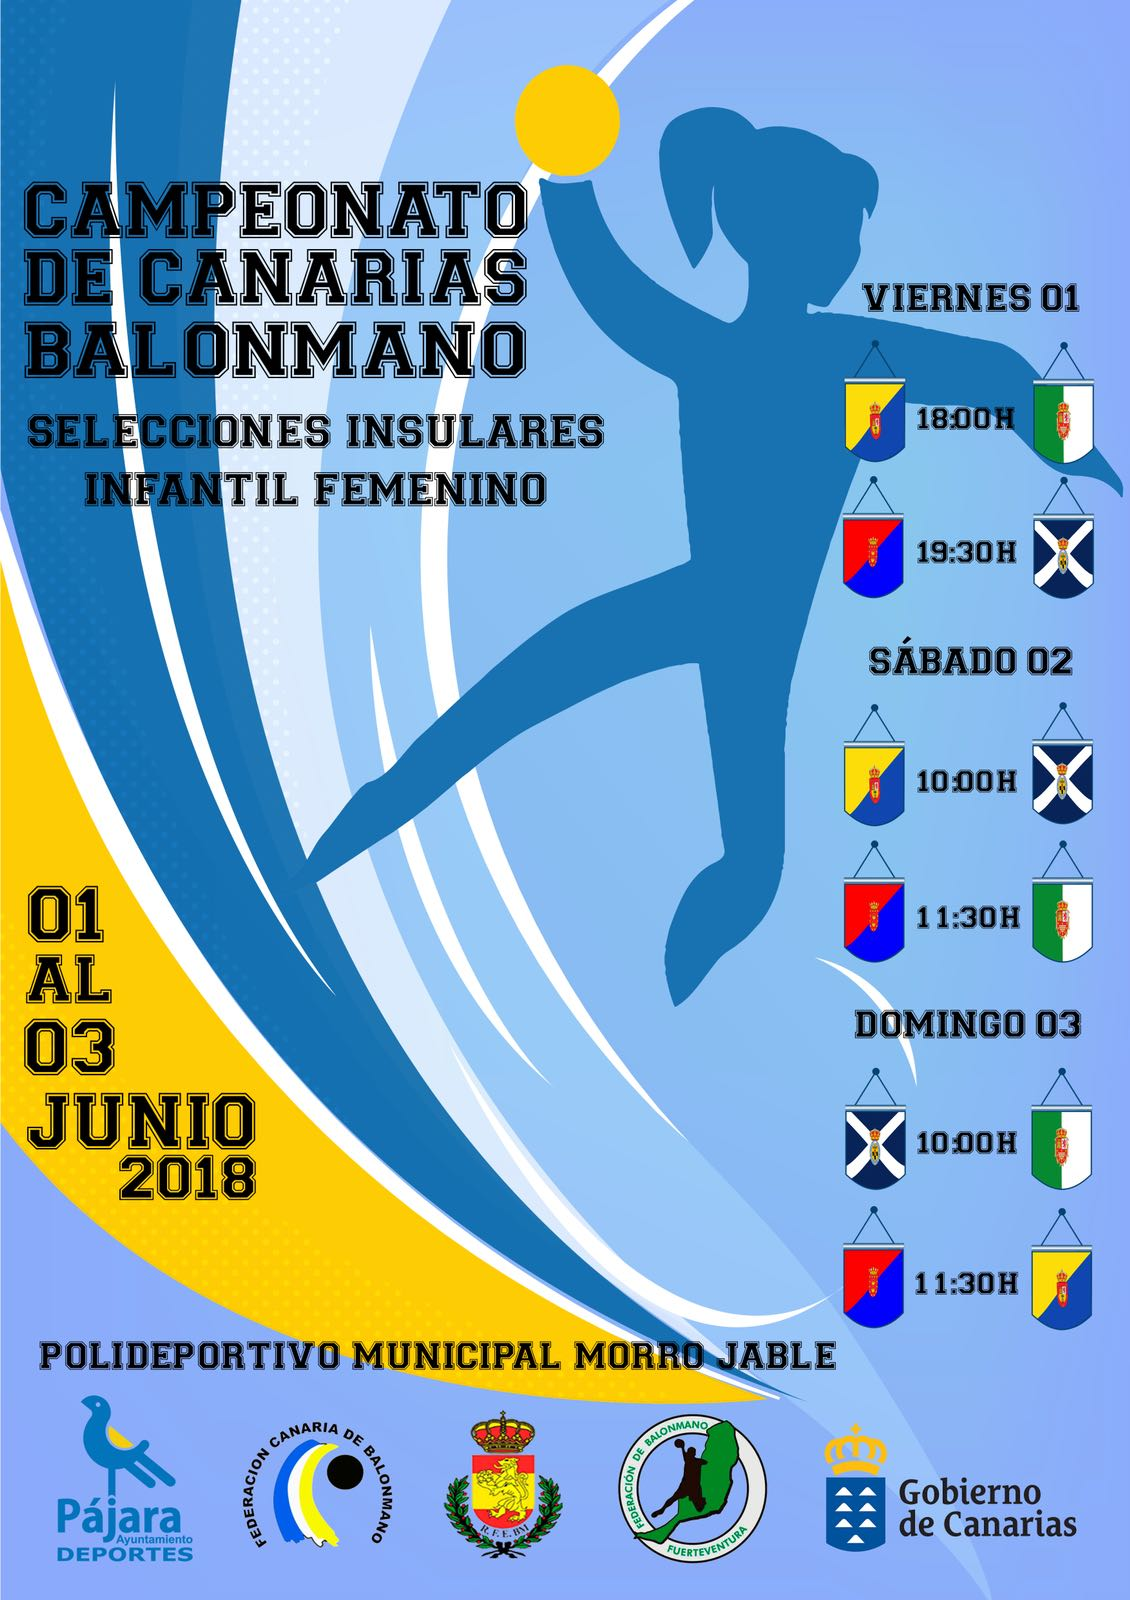 La base del balonmano canario femenino se dará cita en Morro Jable del 1 al 3 de Junio